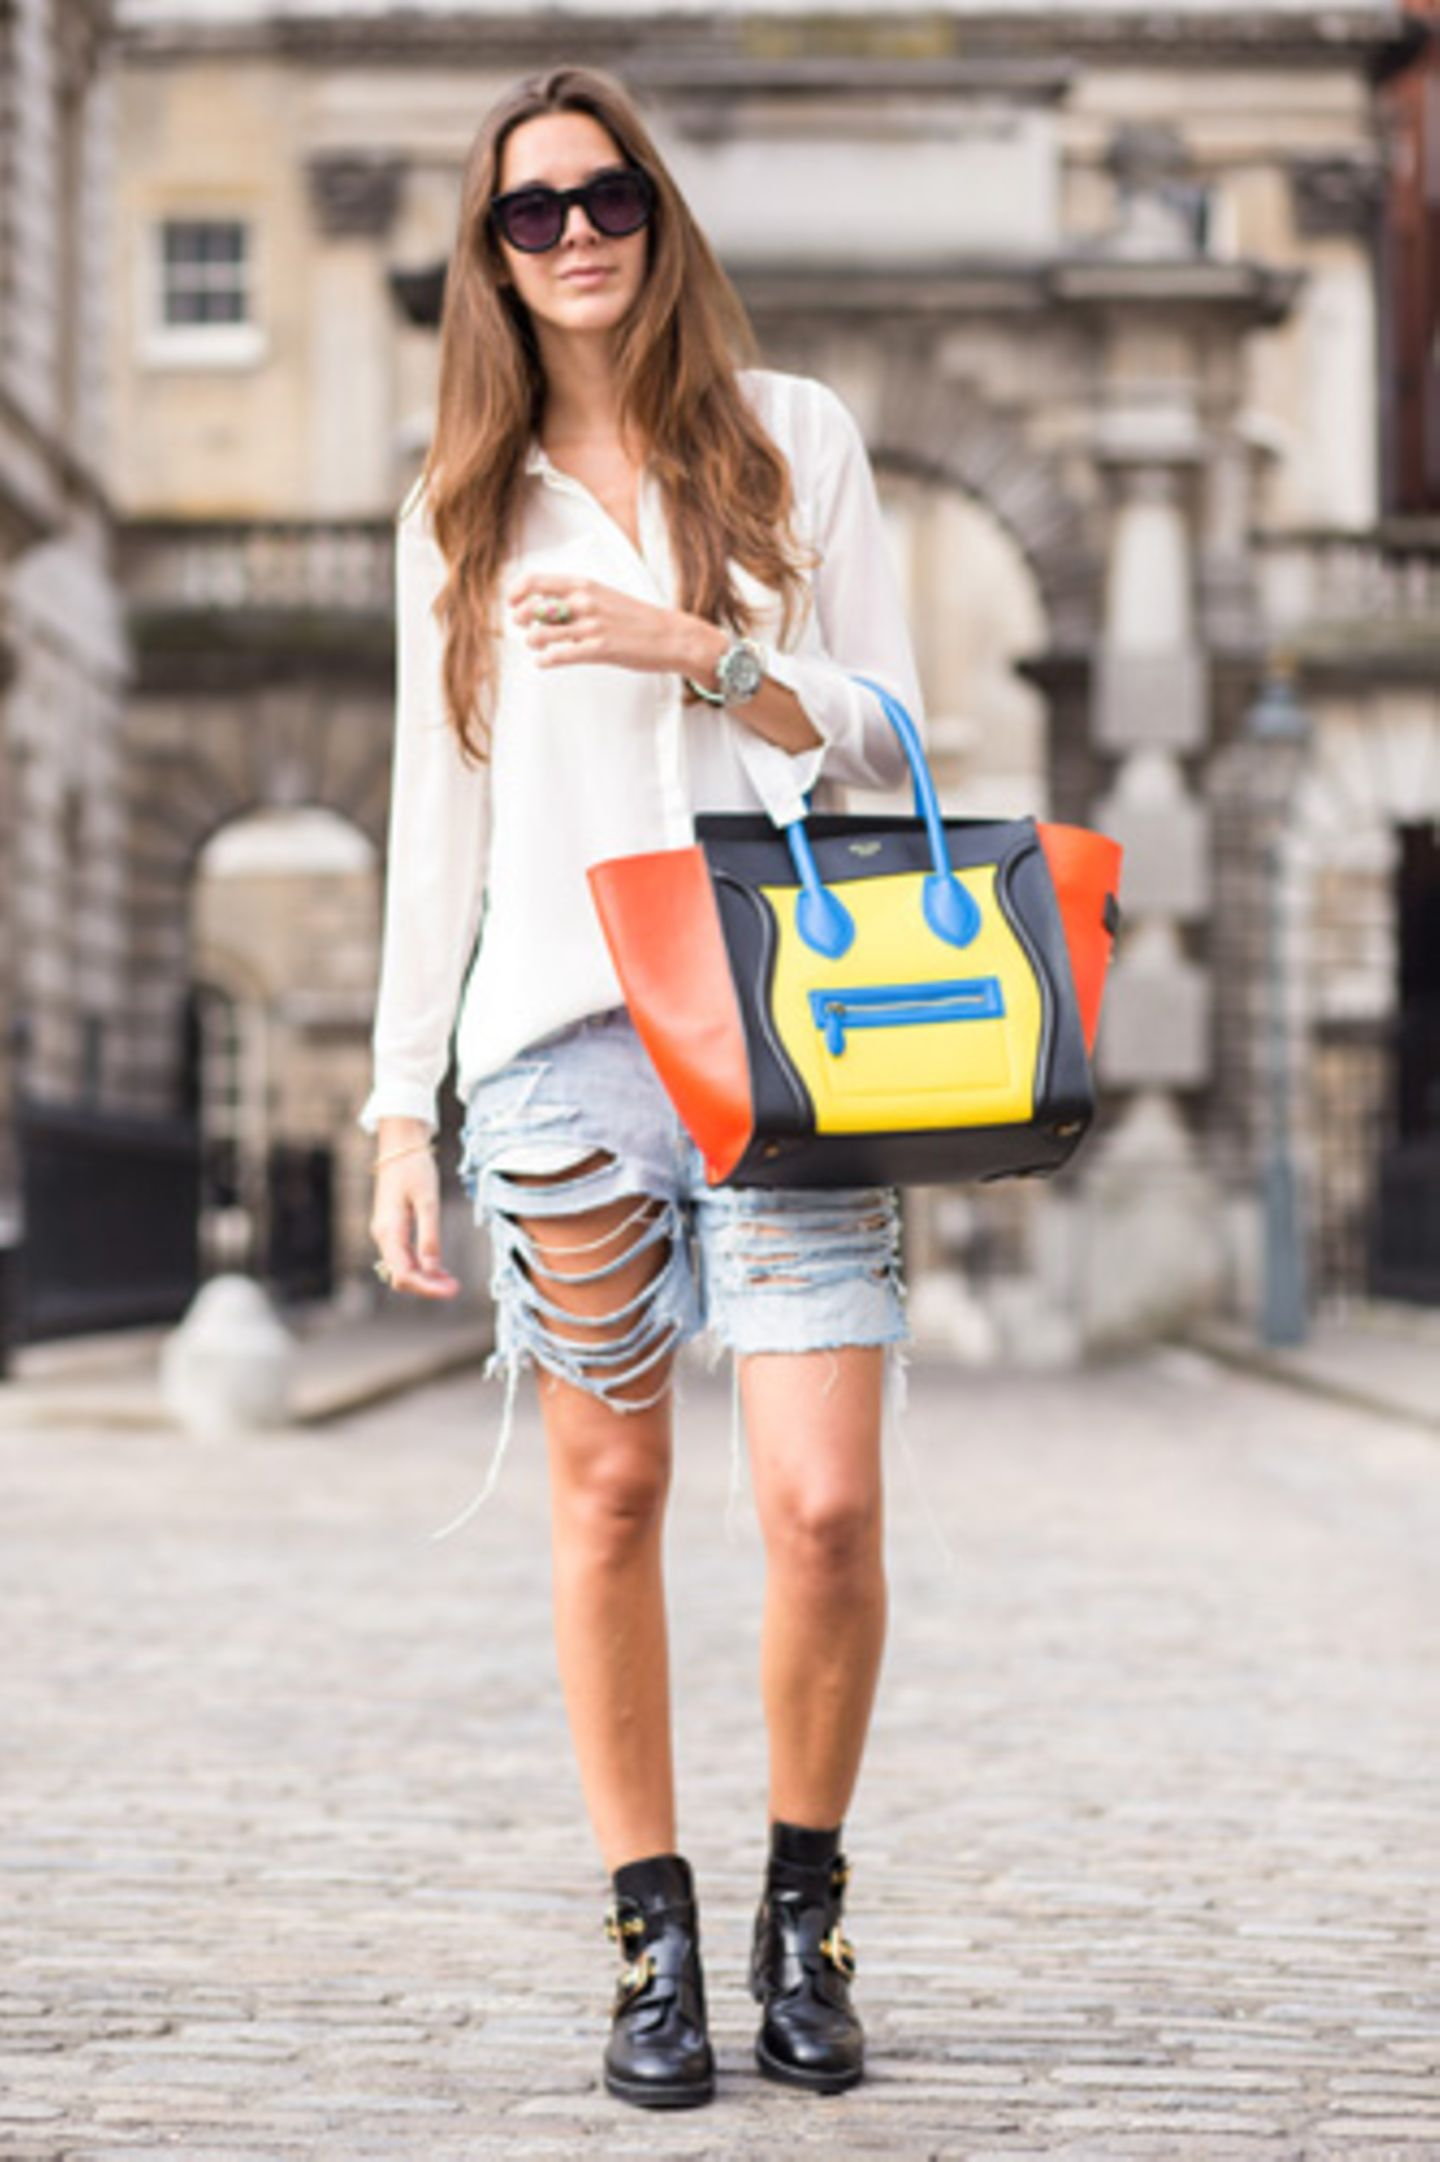 Ja, die Céline Luggage Bag gibt es auch in bunt - und die sieht zu schlichtem weißen Hemd und kunstvoll zerstörter Jeans-Shorts gar nicht mal so schlecht aus.